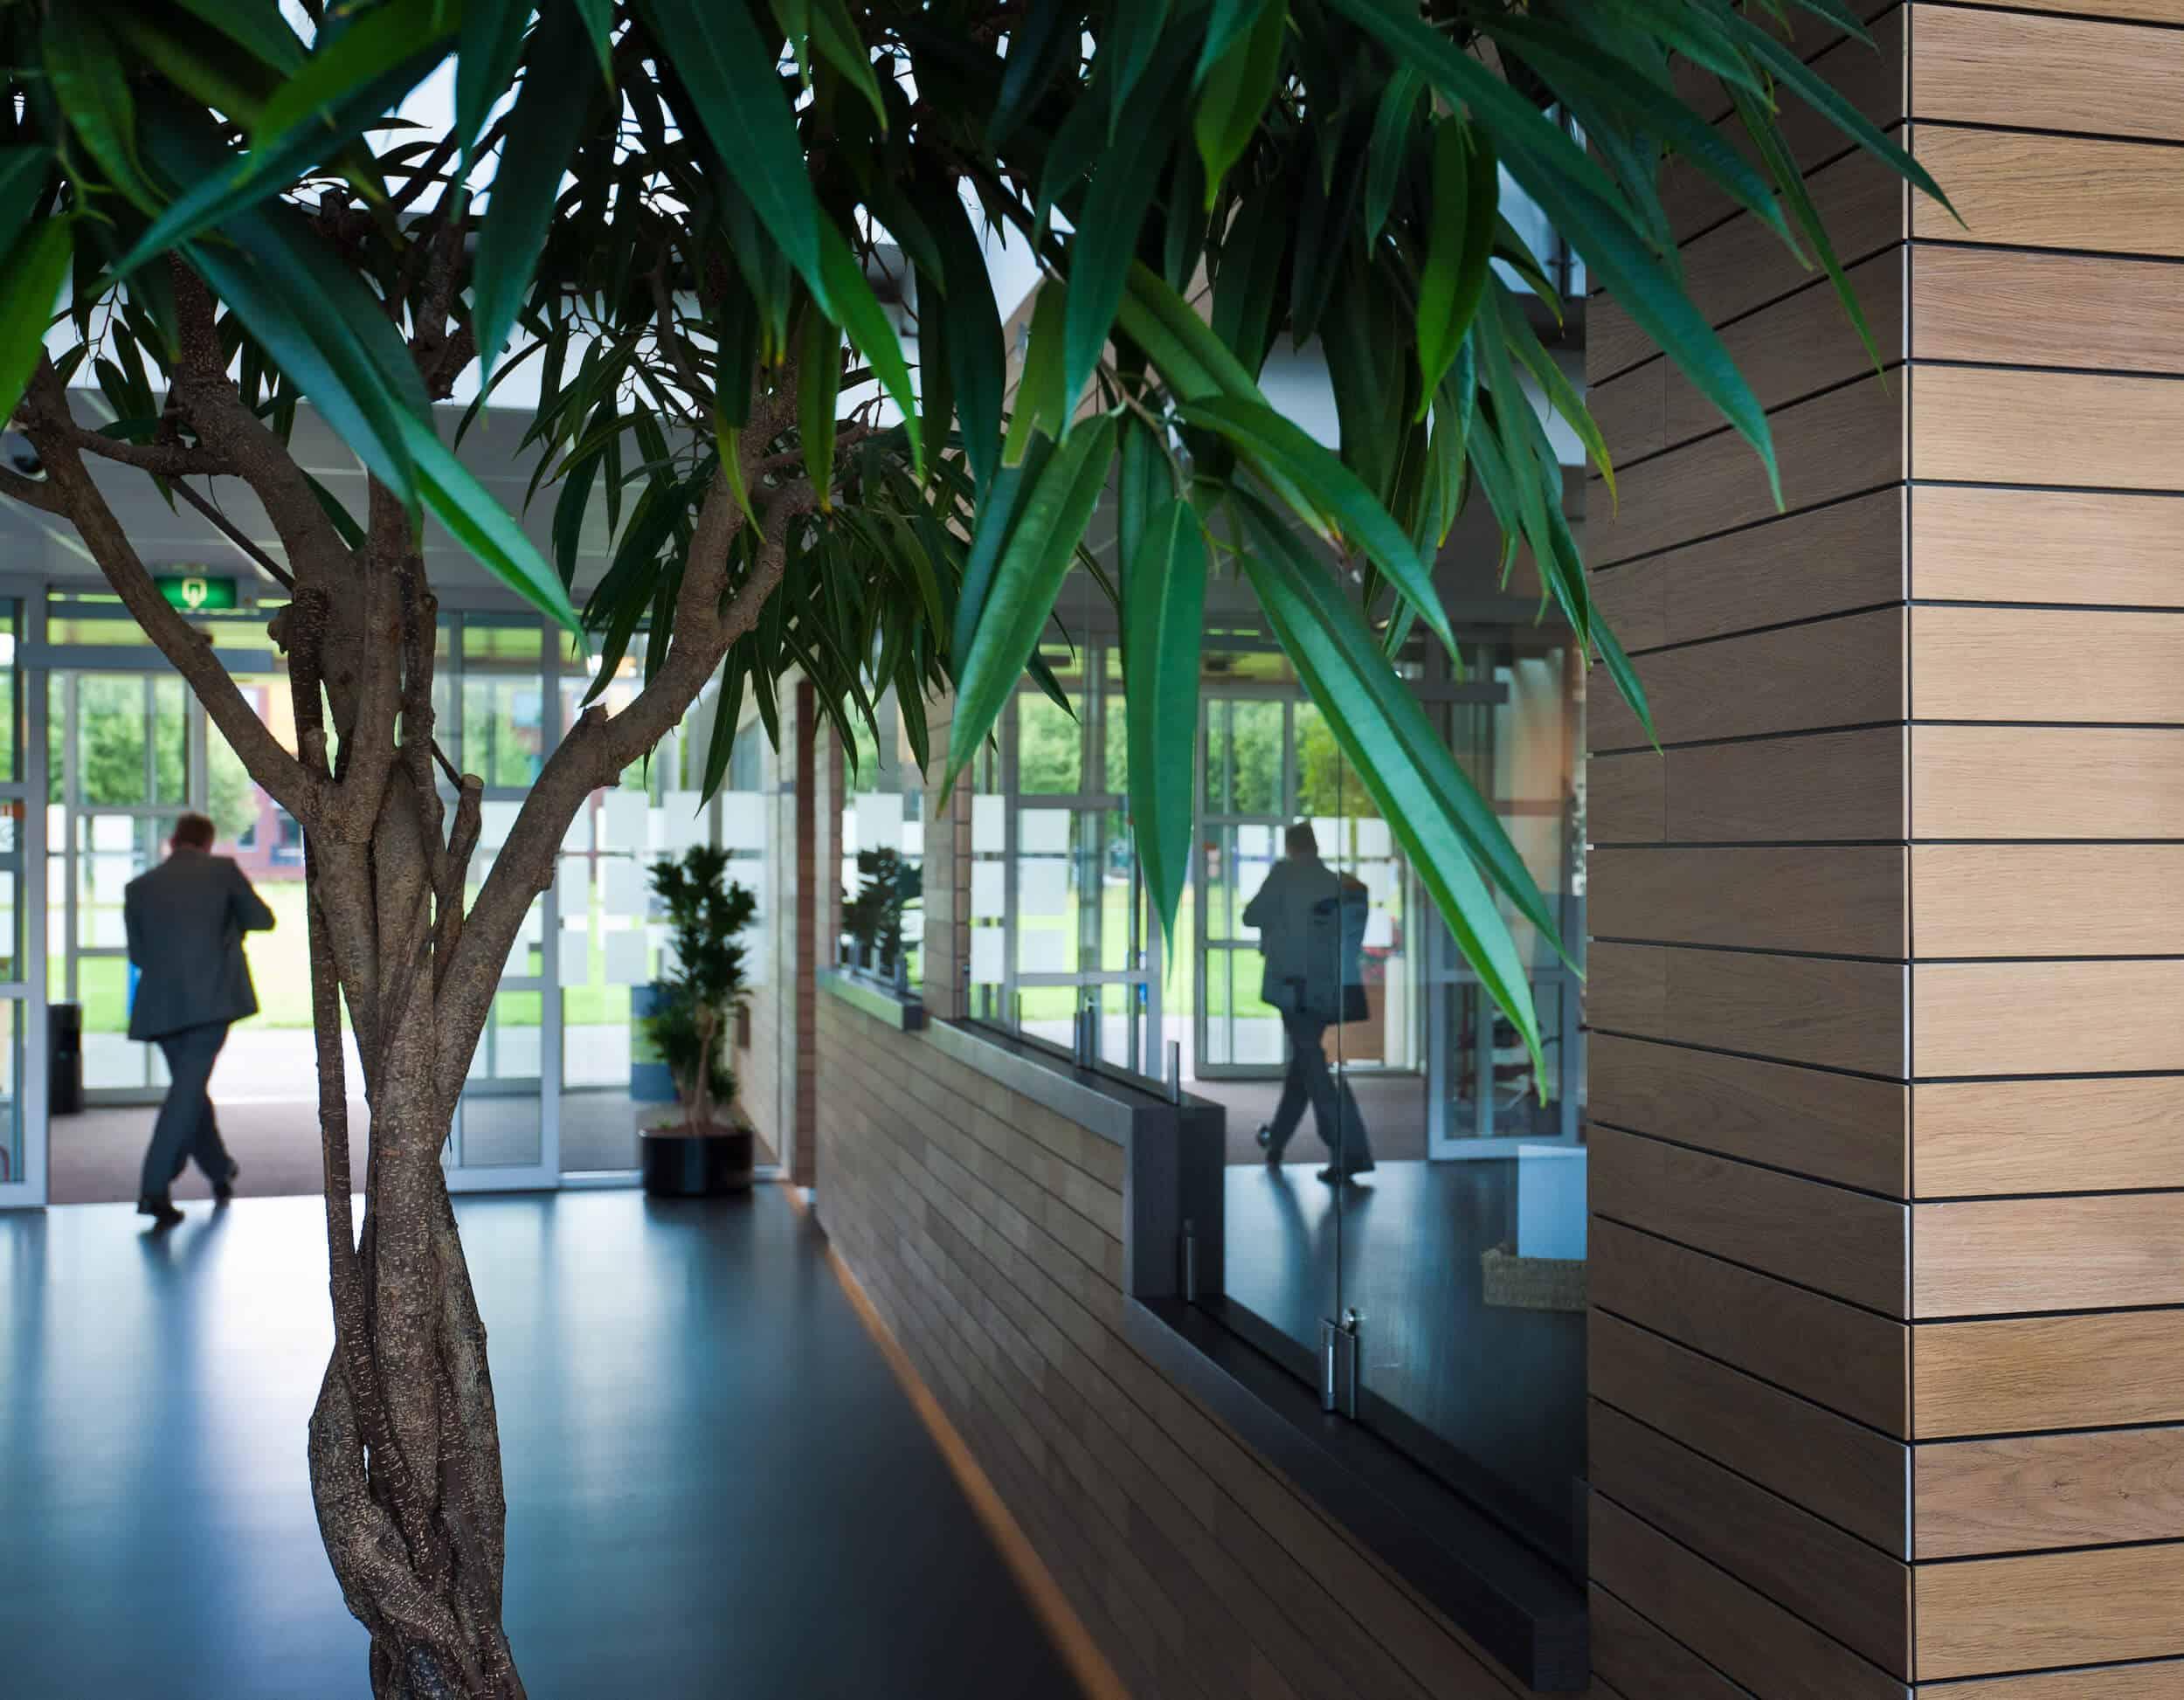 Groene planten in een interieur met hout elementen